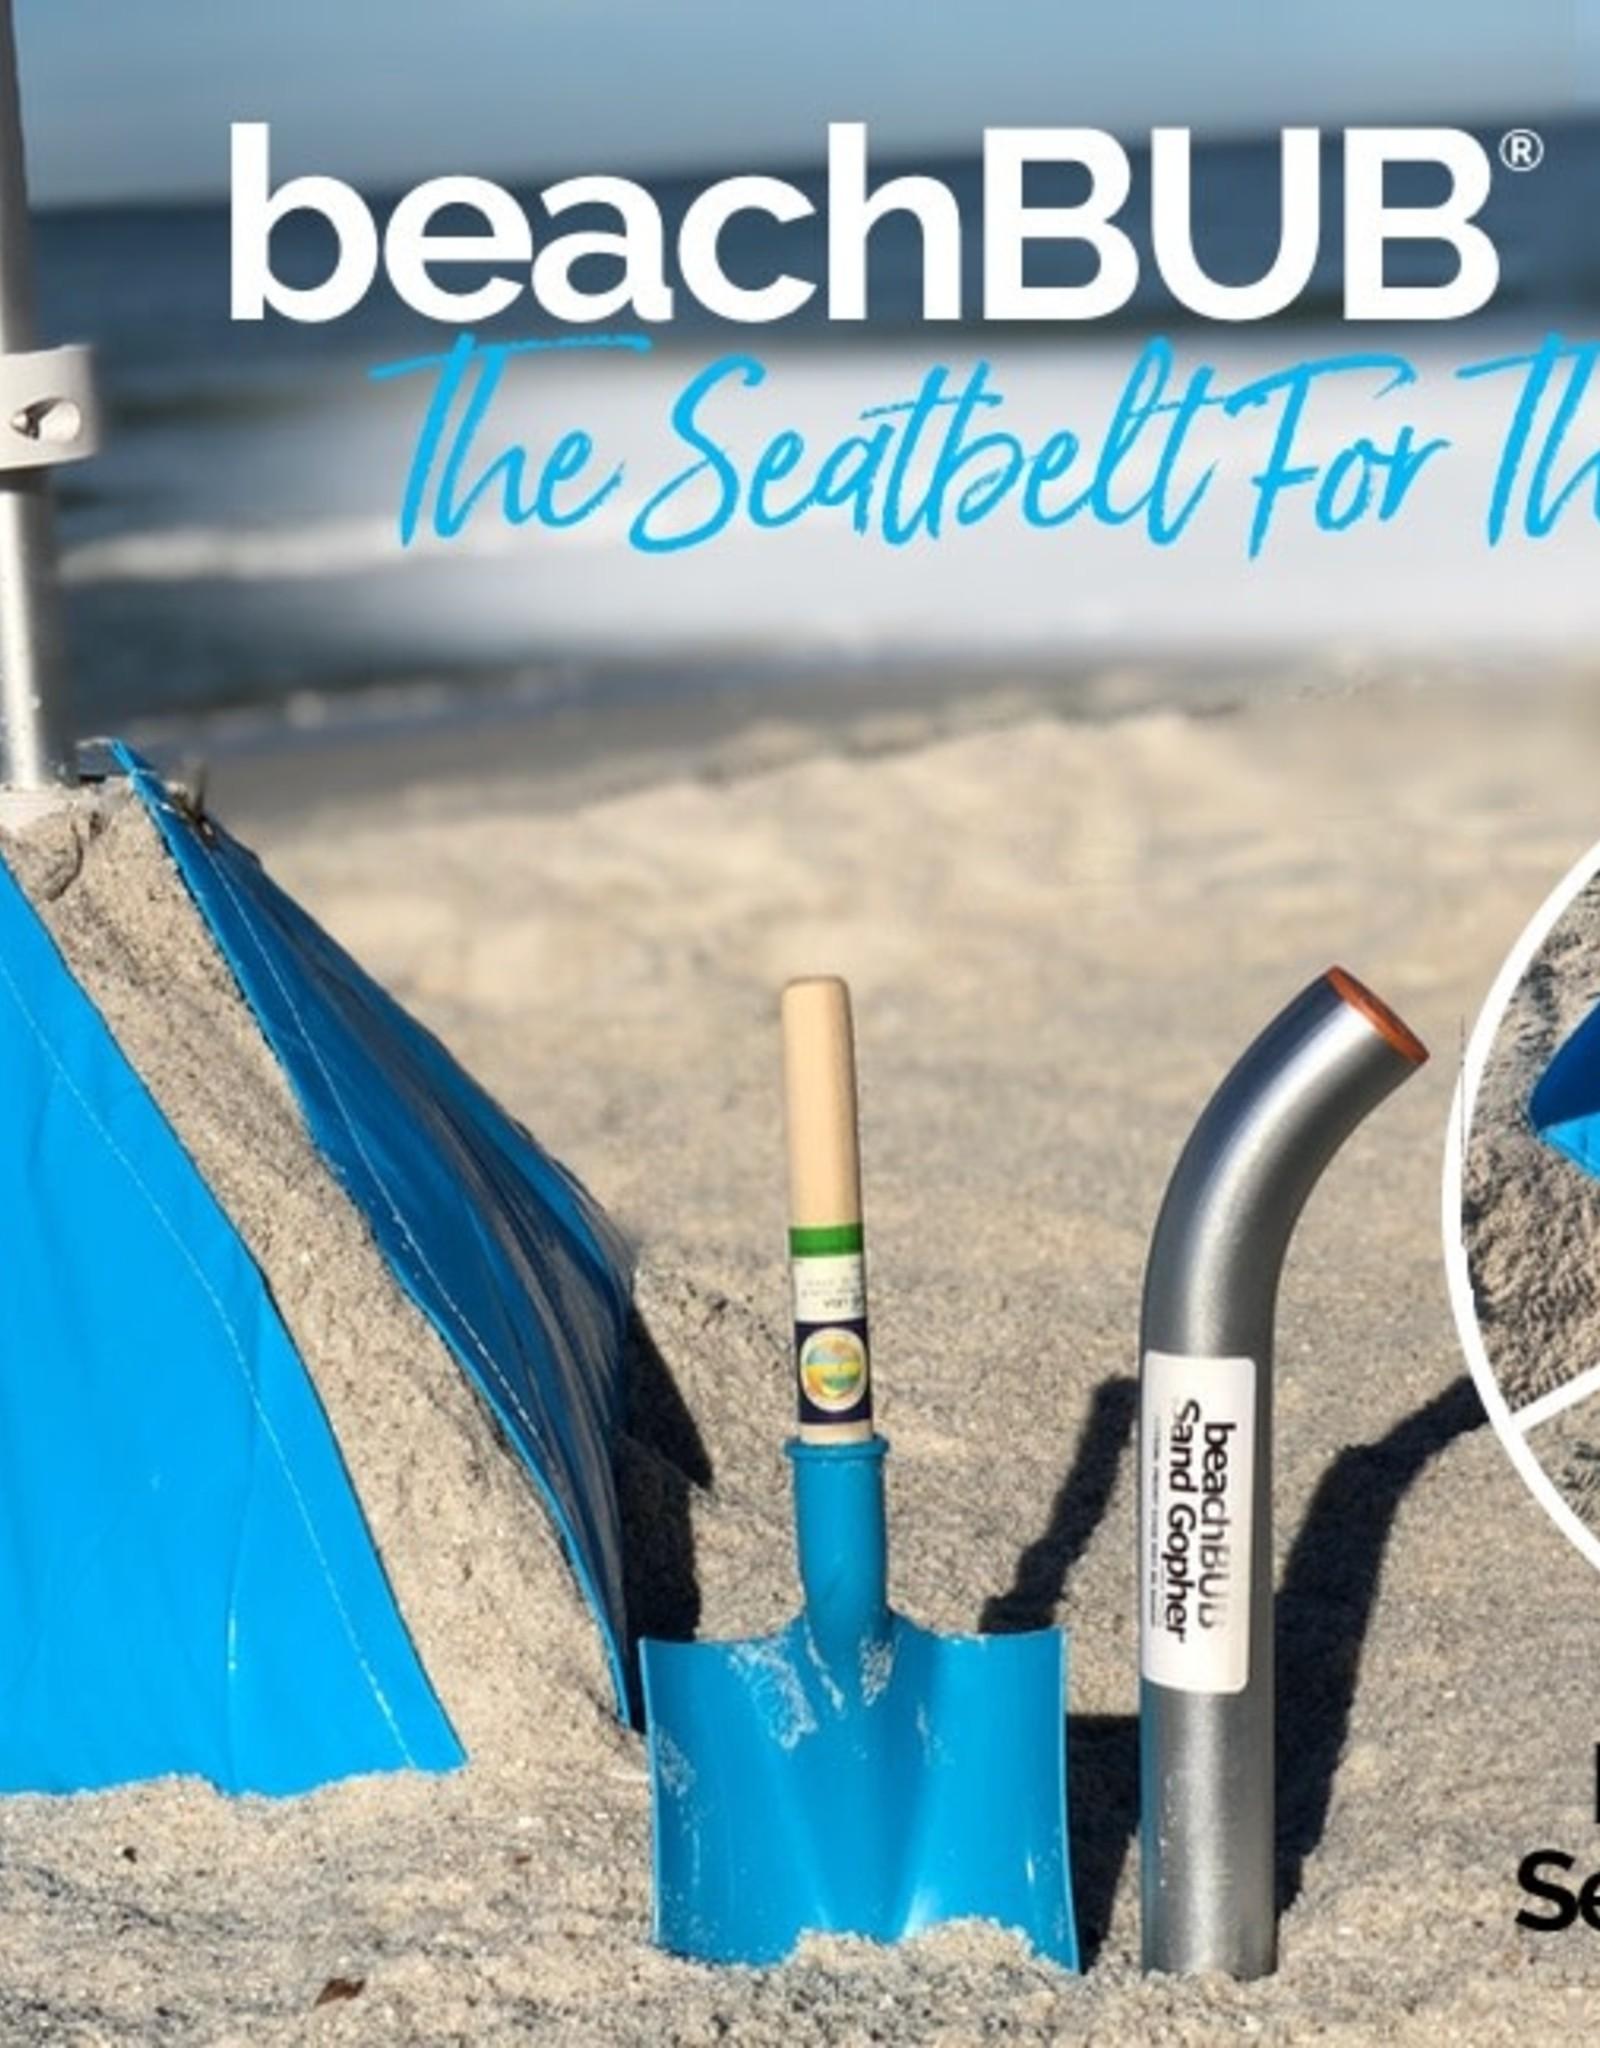 BEACH BUB ULTRA BEACH UMBRELLA BASE (BLUE)